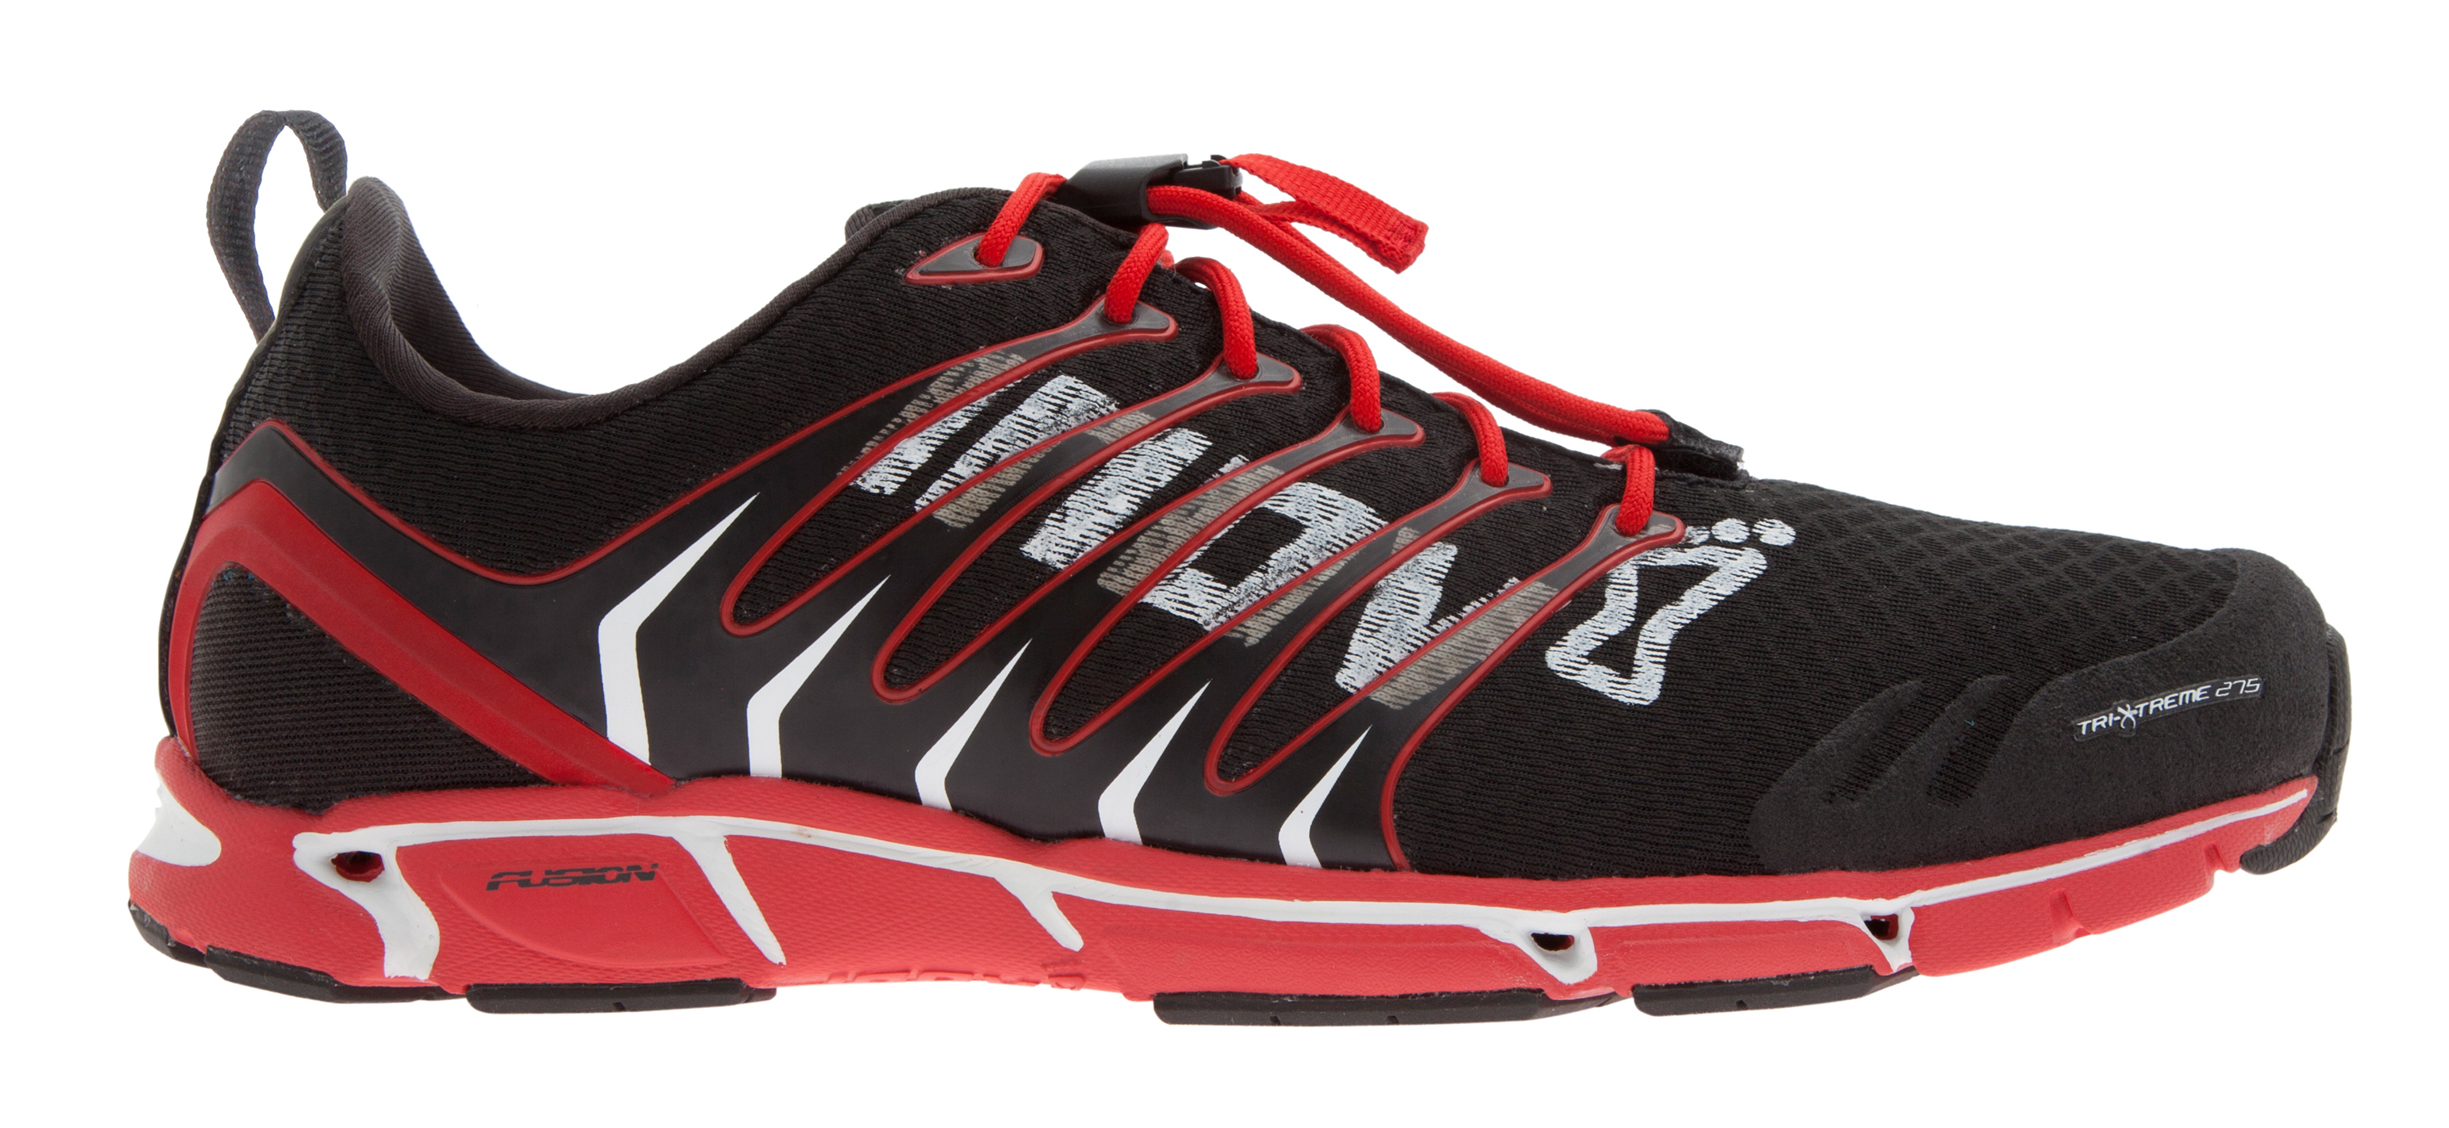 Buty Triathlonowe Inov 8 Tri X Treme 275 Czarno Czerwone Triathlon Shoes Running Trainers Shoes